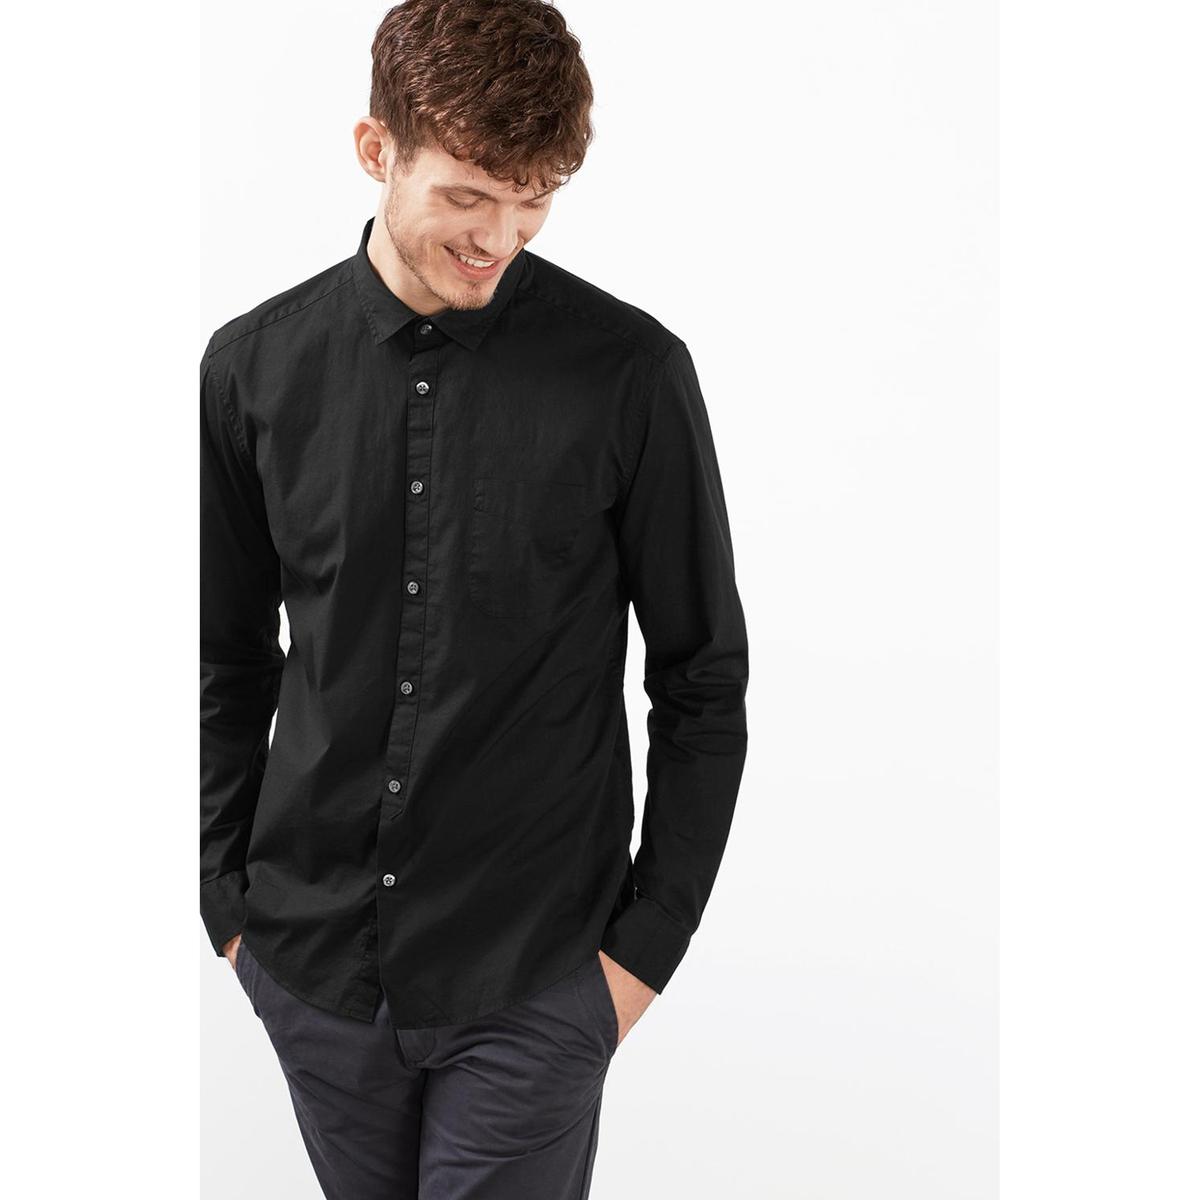 Рубашка с длинными рукавамиРубашка с длинными рукавами - ESPRIT.  Прямой покрой, классический воротник. Нагрудный карман. Застёжка на пуговицы, манжеты с застёжкой на пуговицы. Состав и описаниеМатериал: 97% хлопка, 3% эластана. Марка: ESPRIT.<br><br>Цвет: темно-синий,черный